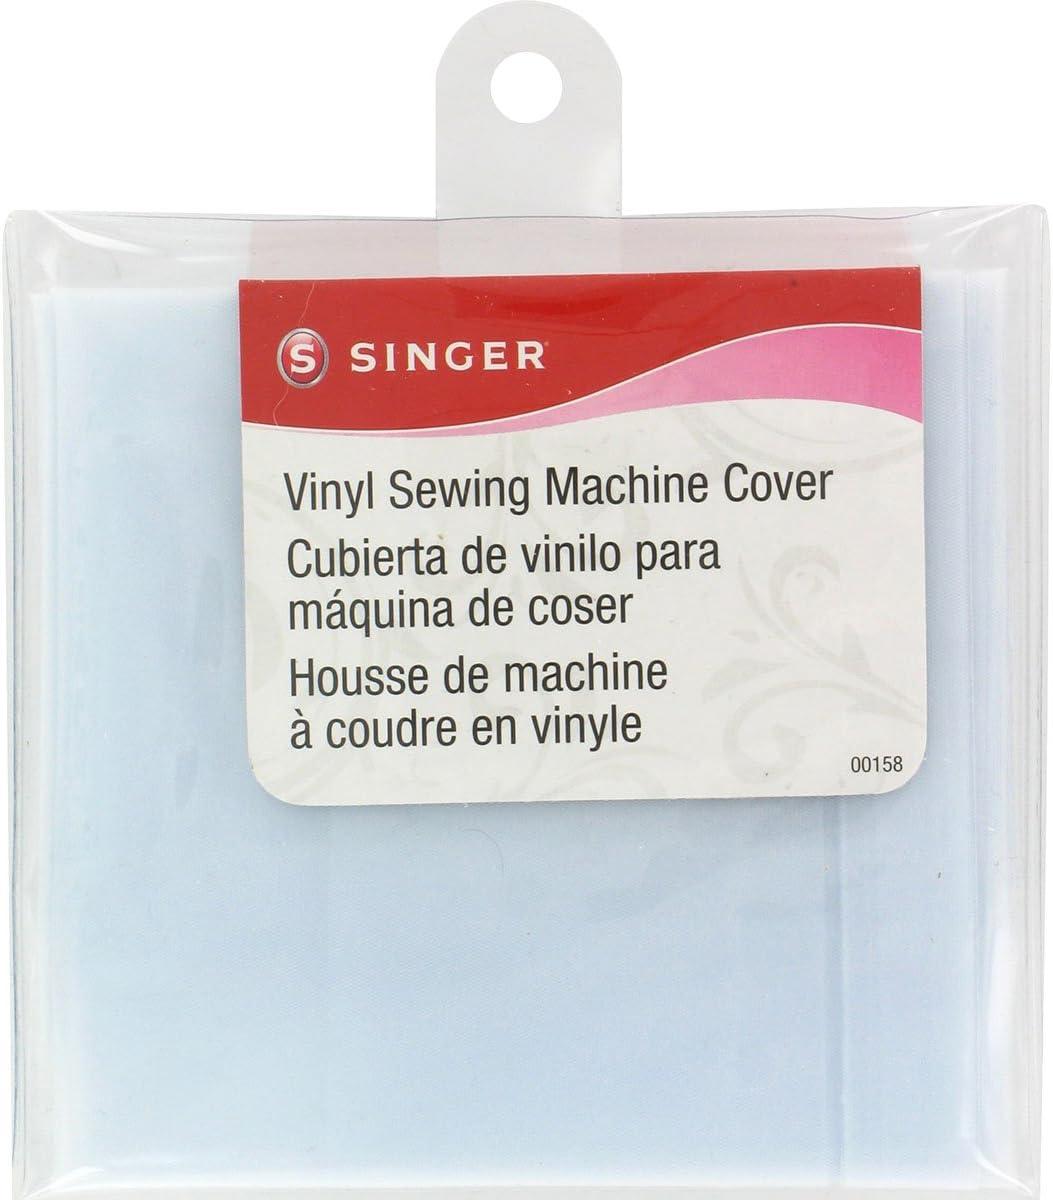 Máquina de Coser Singer Nociones de Vinilo.: Amazon.es: Hogar